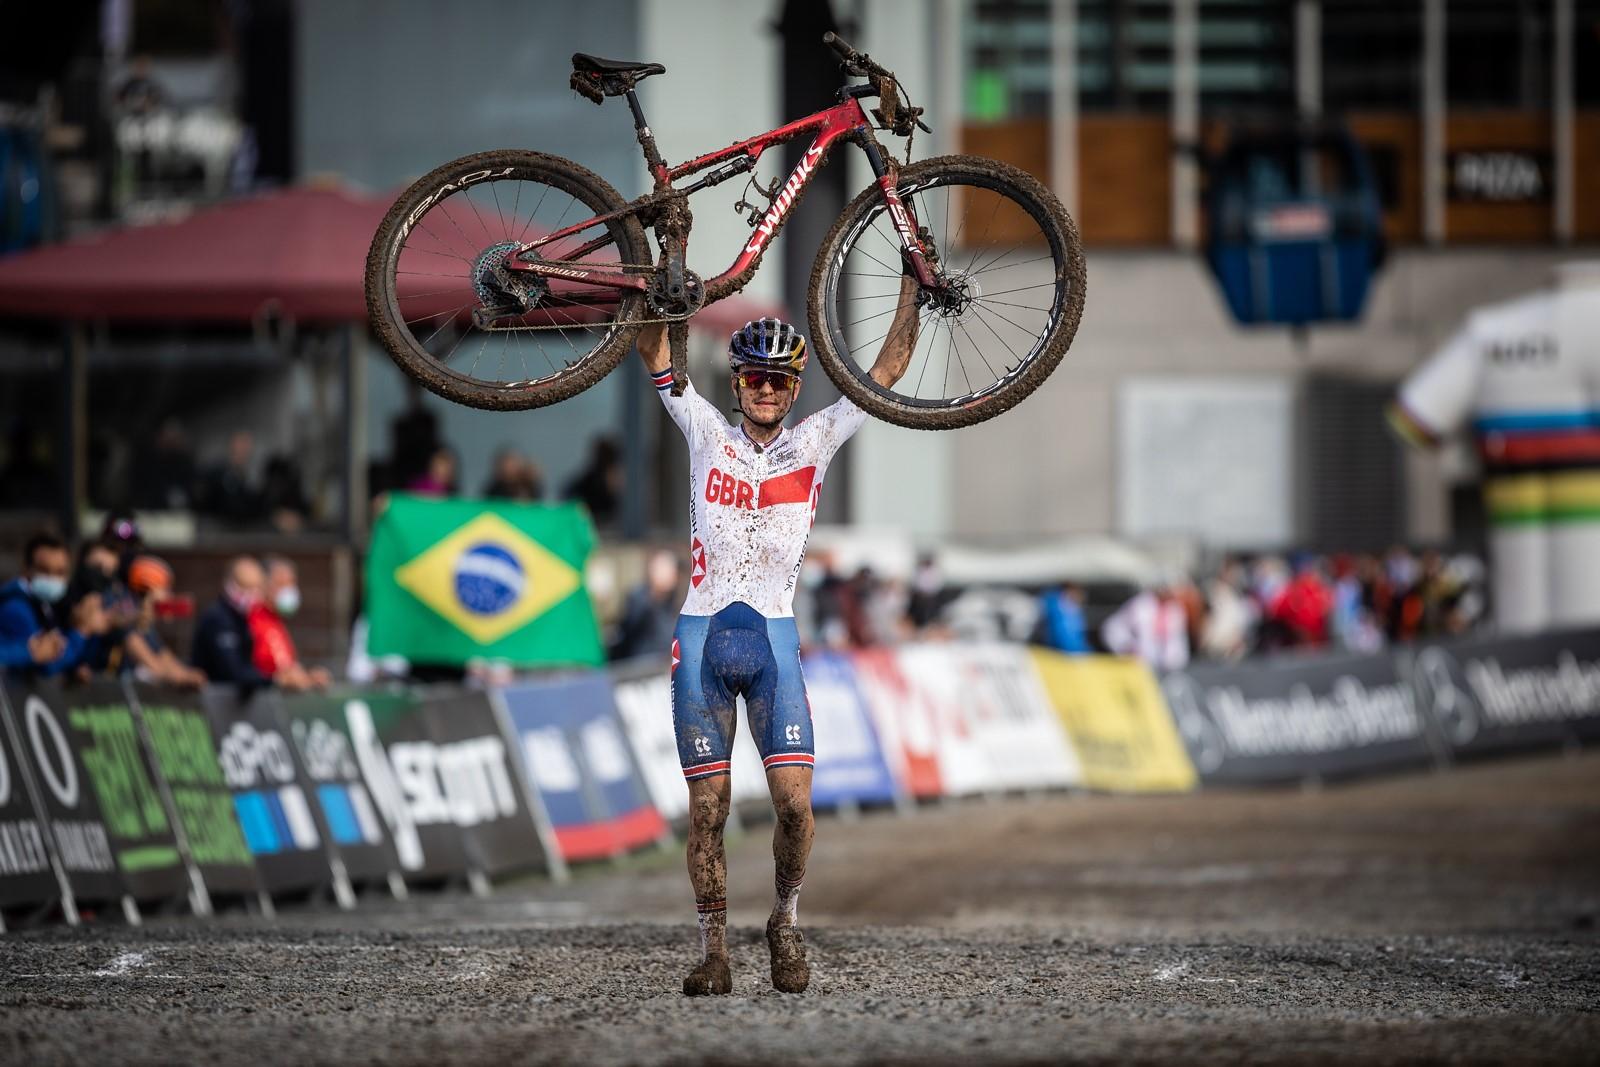 Thomas Pidcock triumfálně v cíli mistrovství světa horských kol. Doufá, že jednou bude stejně triumfálně stát na konci Grand Tour. Foto: Michal Červený